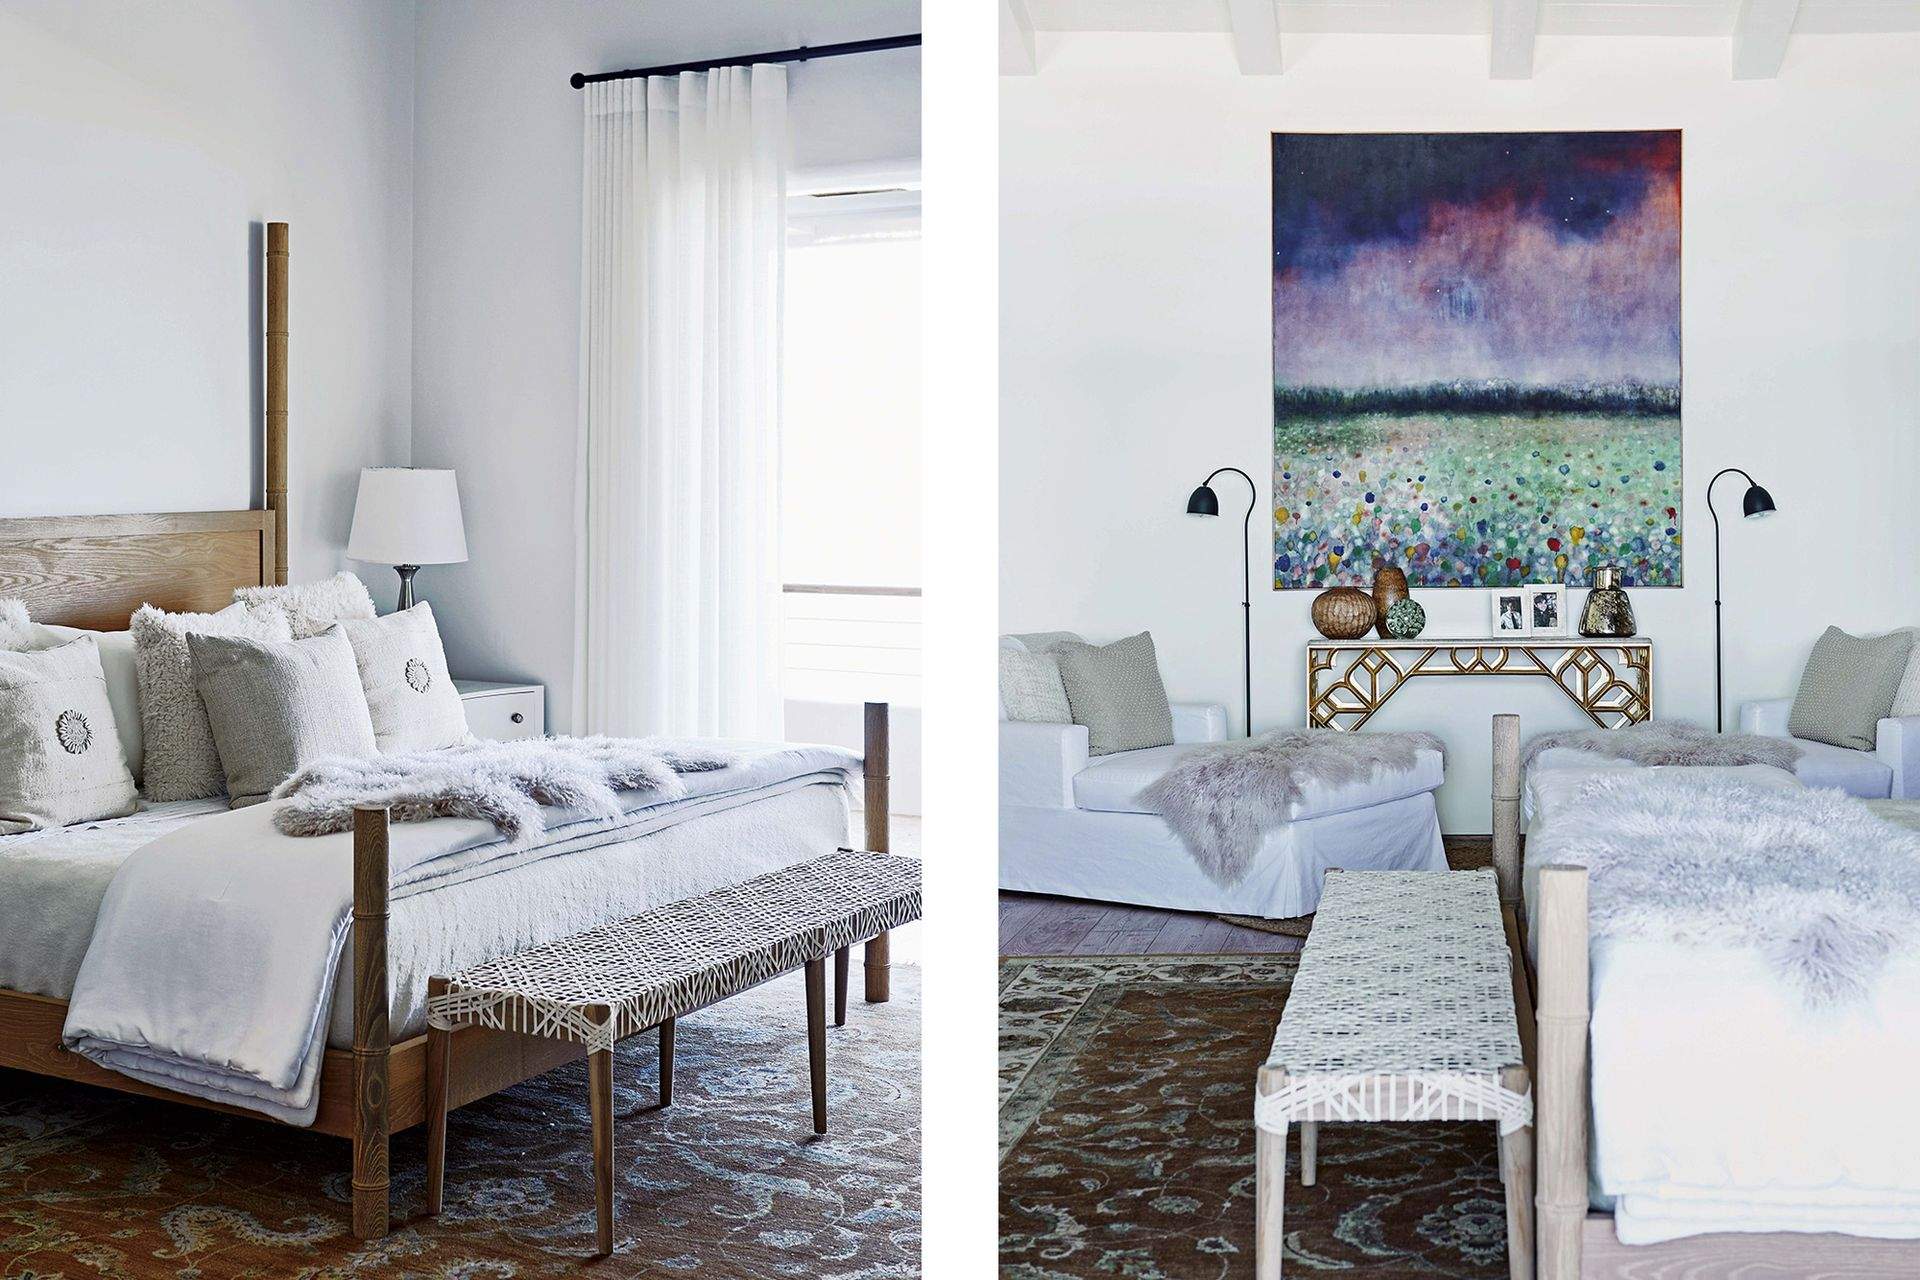 La cama, creada por Kim, se complementó con una banqueta con tientos de cuero tejidos a mano y un cuadro de Alexia Vogel.